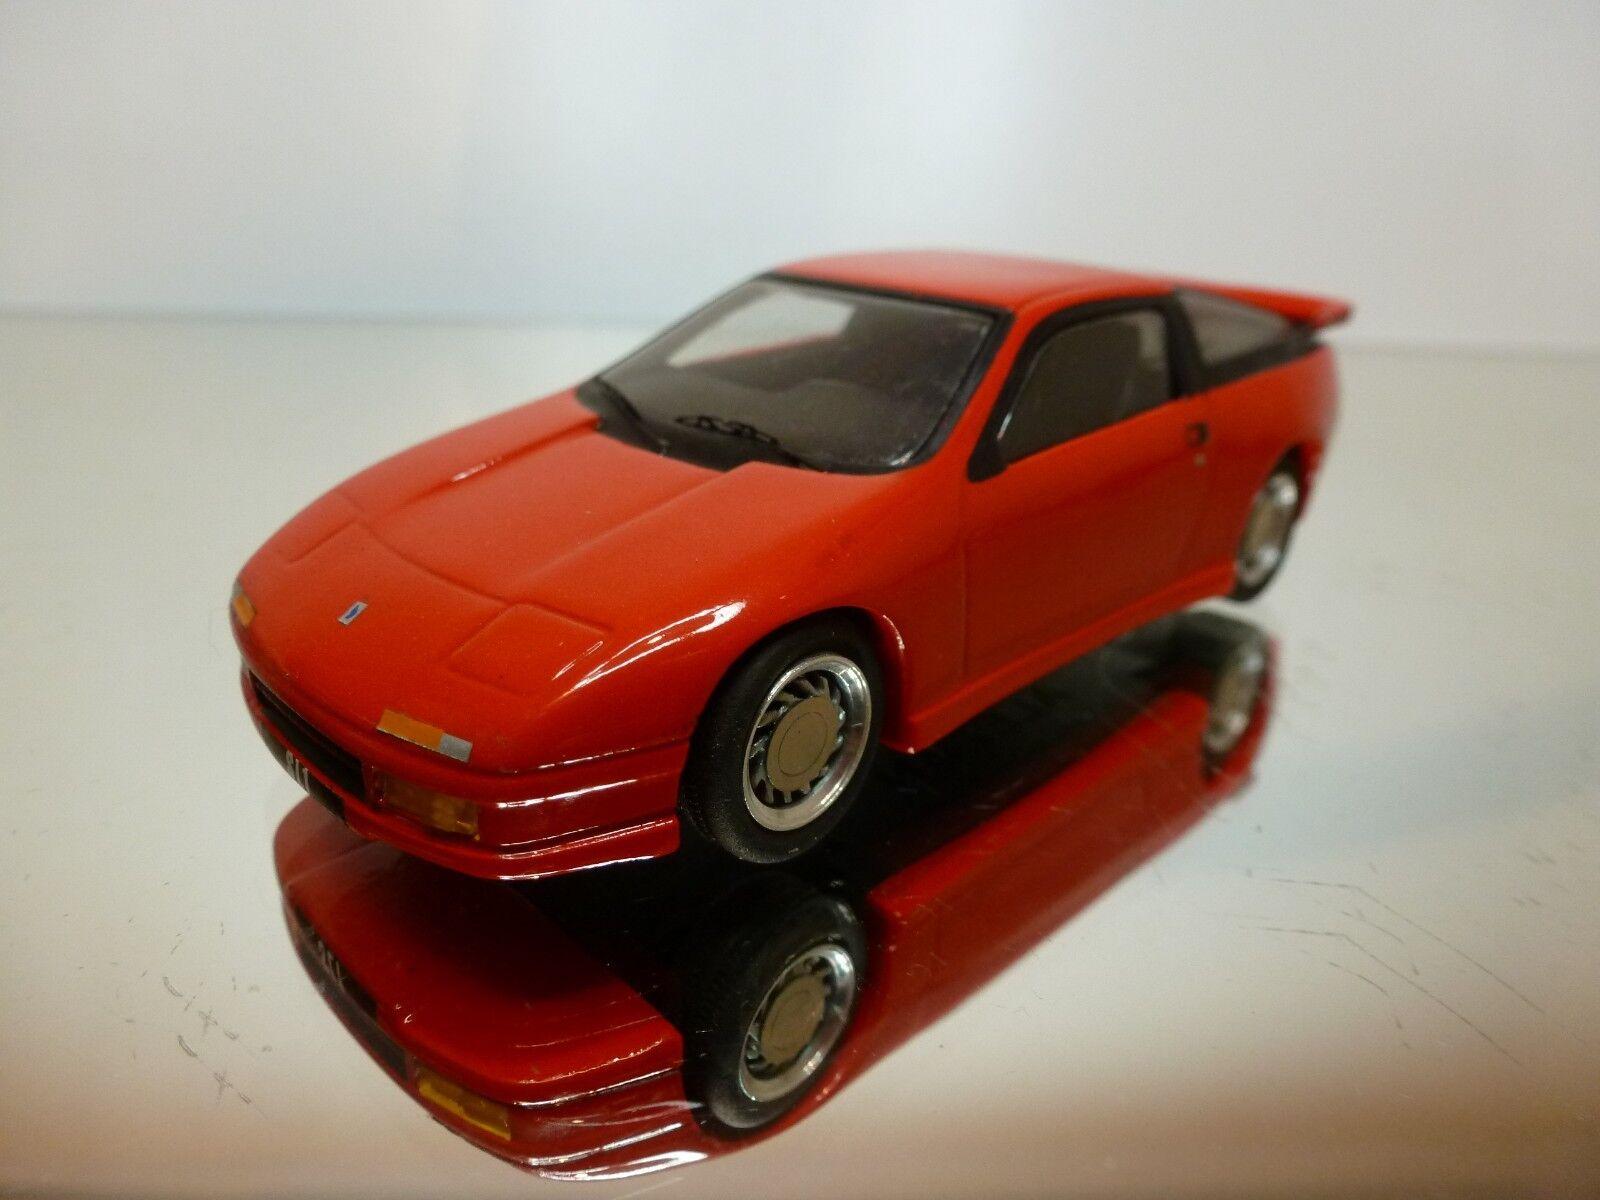 ALEZAN GMF SL1 V6 RENAULT 1986 - rosso 1 43 - EXCELLENT CONDITION - 15